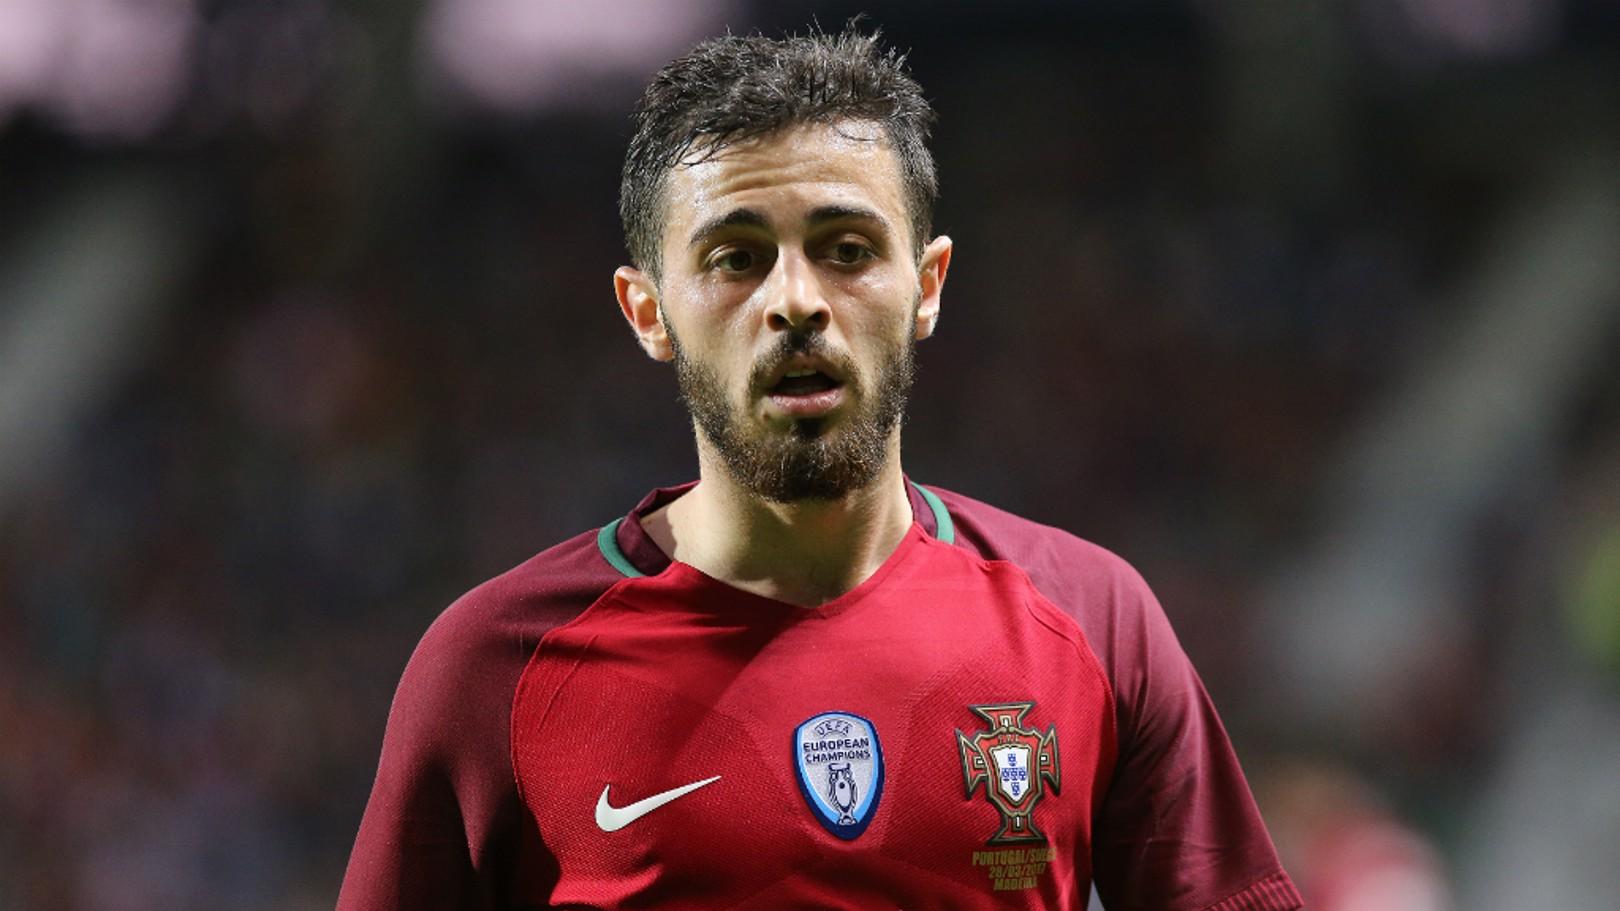 بيرناردو سيلفا يسجل ويقود البرتغال للفوز على نيوزيلندا